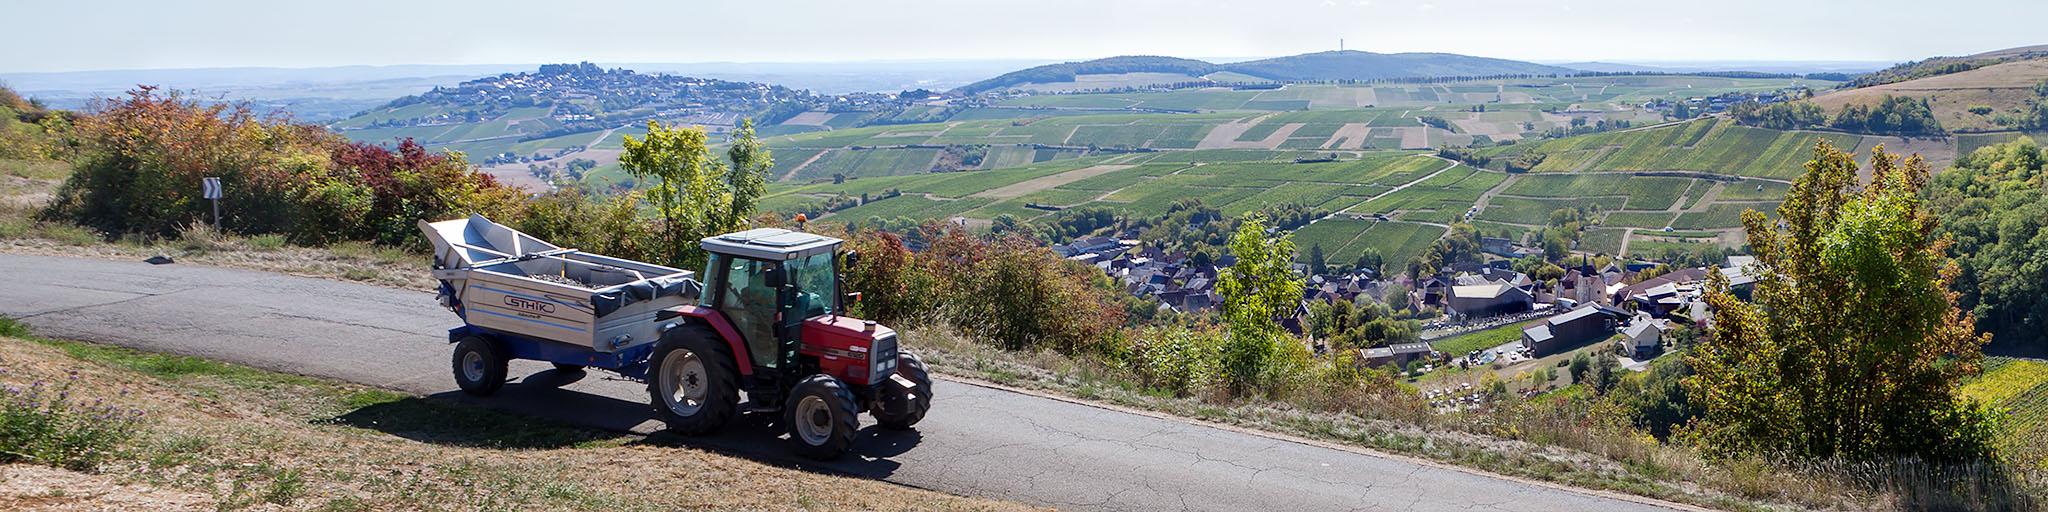 Wijnwerk, Loirewijn, wittewijn, Sancerre, Chavignol, Crottin, Geitekaas, Sauvignon